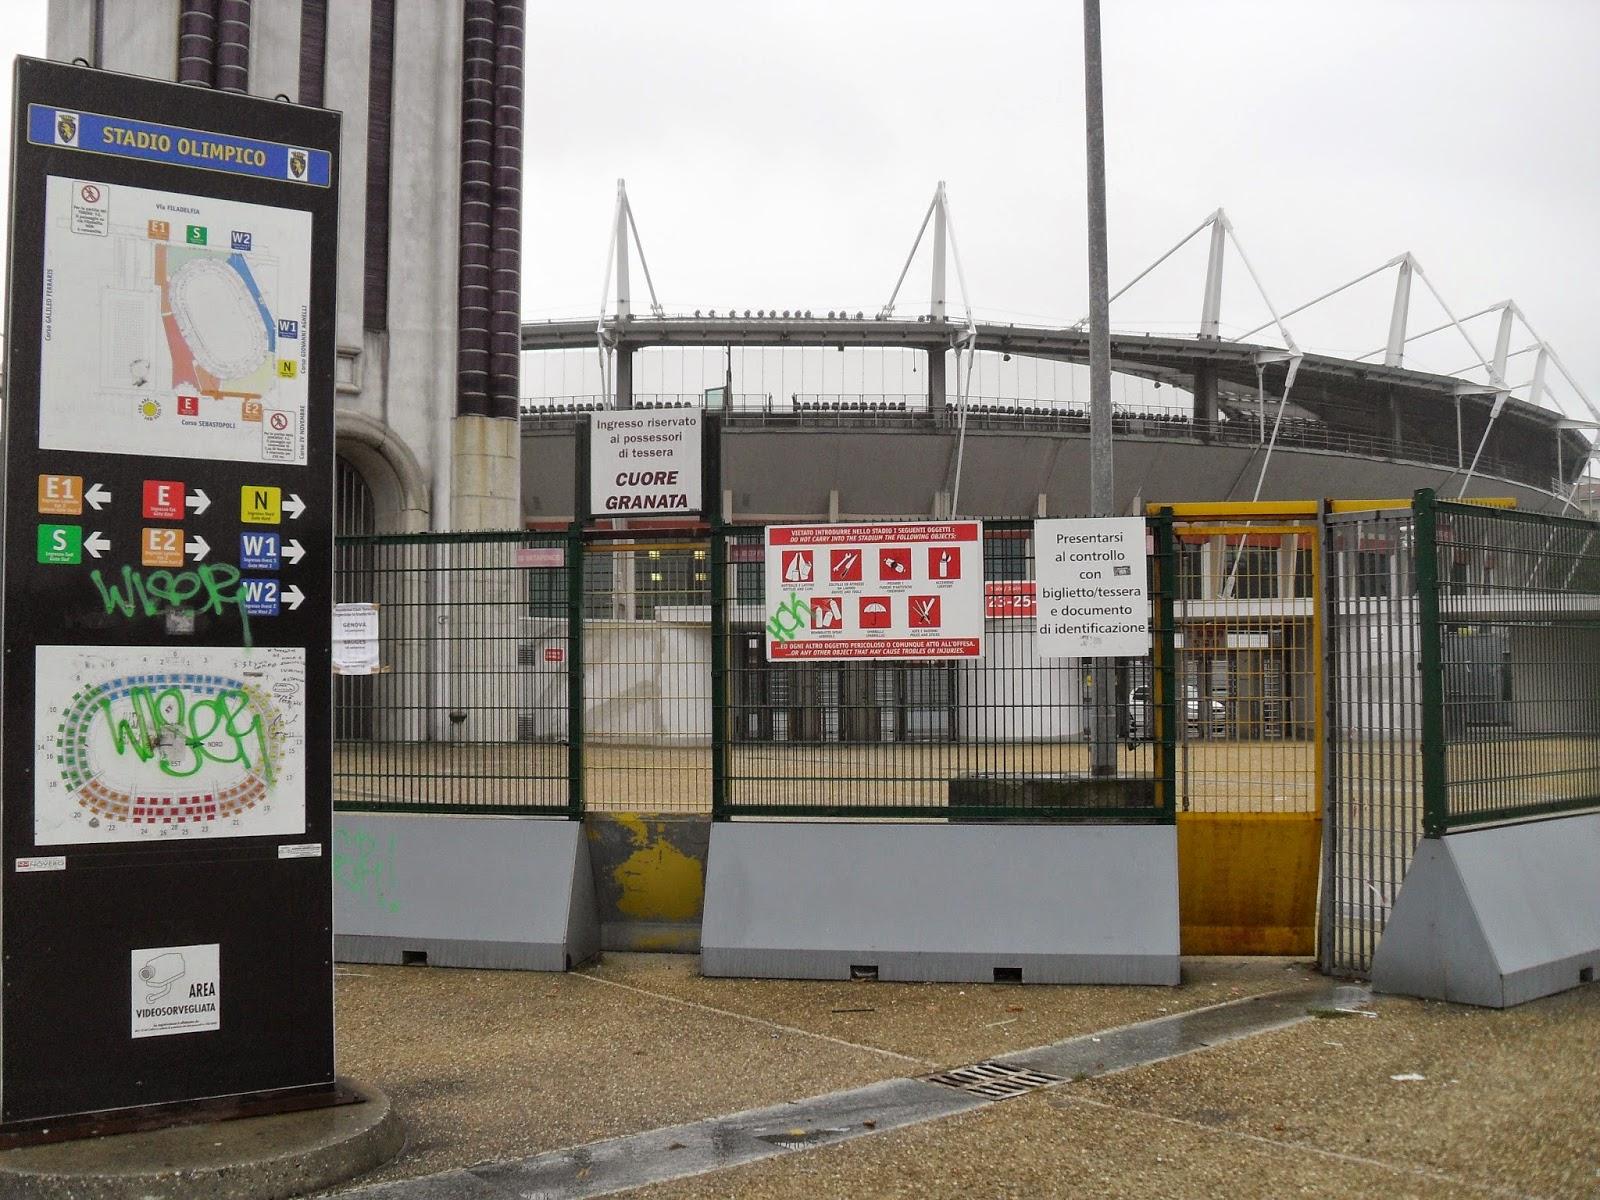 Estadio Olímpico, Turín